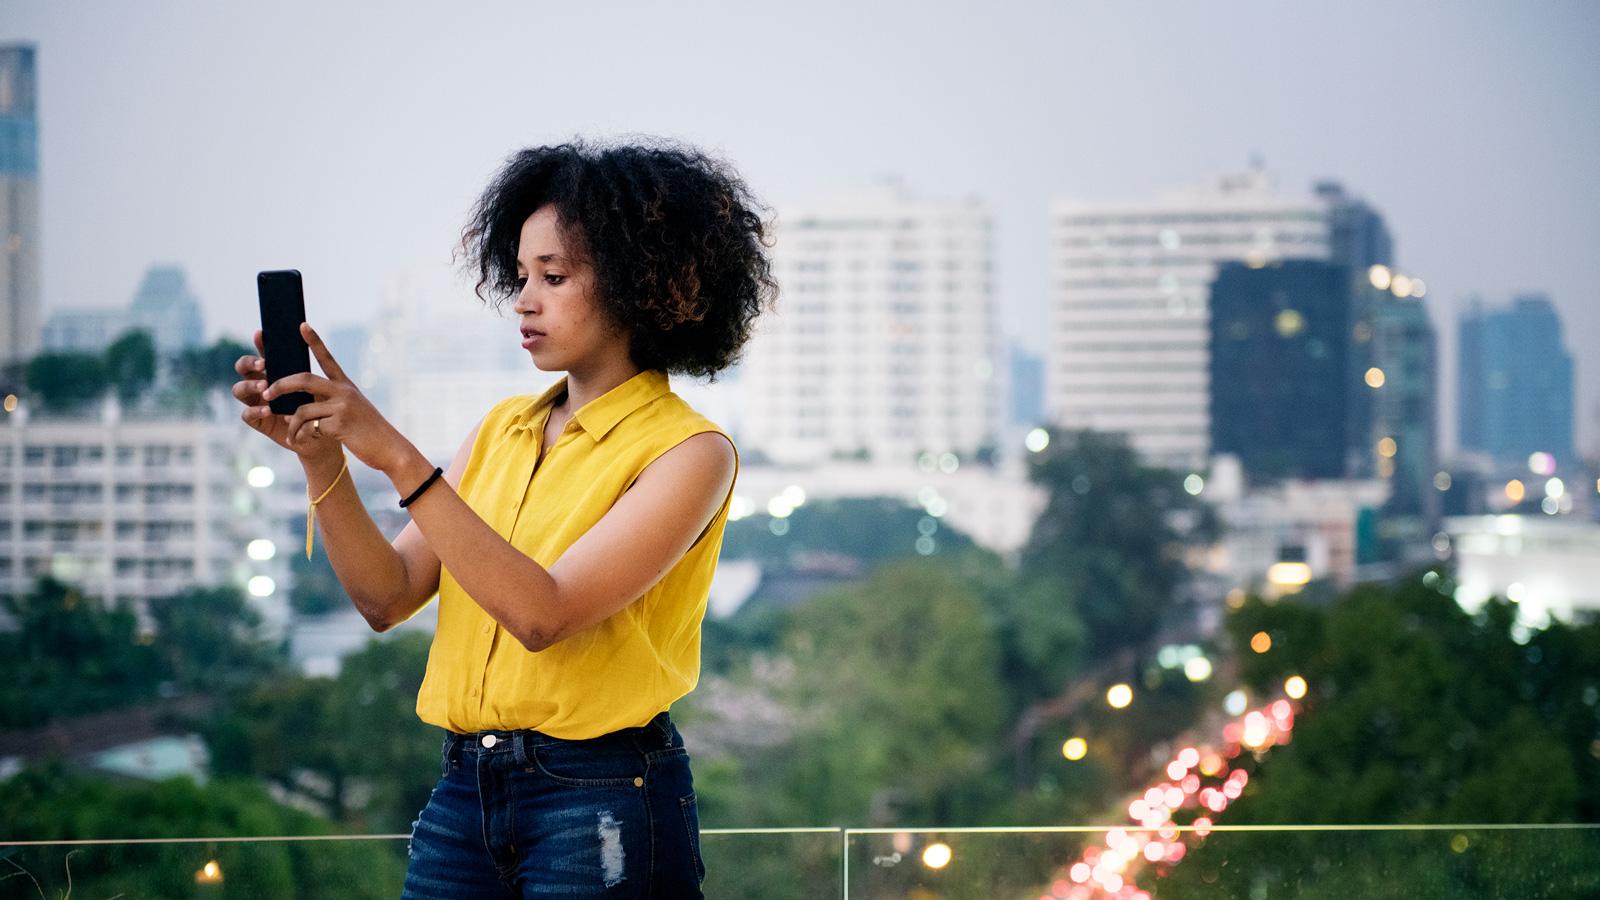 mediarun kobieta telefon miasto 2020 Facebook Zmiany na Facebooku - zwiększone możliwości ochrony prywatności